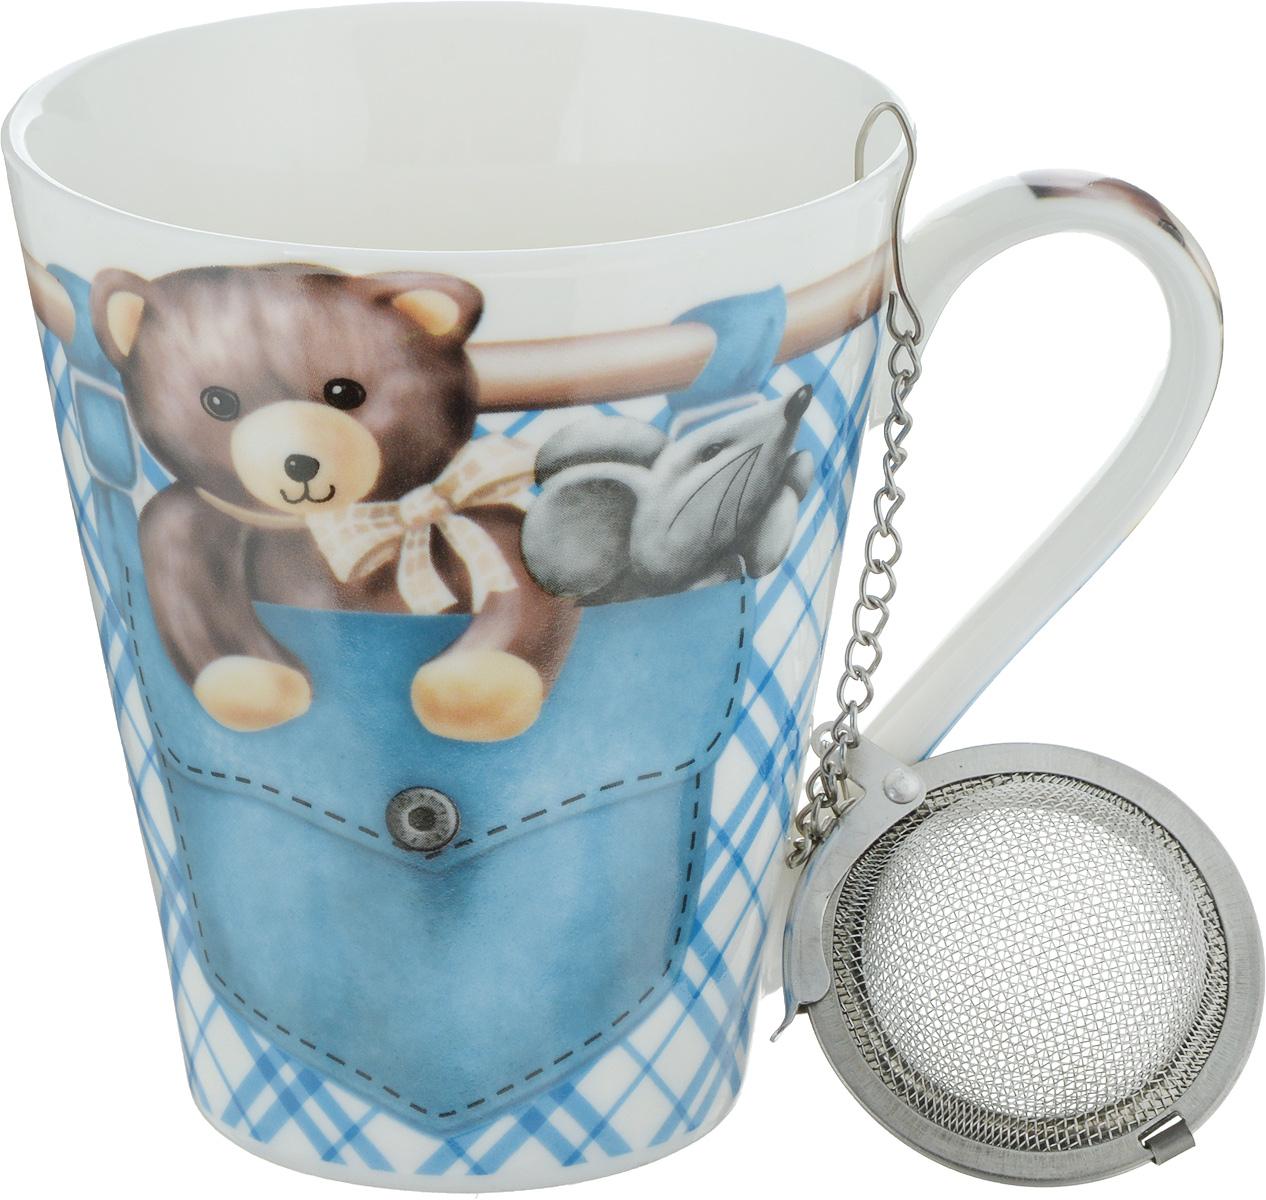 Кружка Доляна Мишка в кармане, с заварником, 300 мл836412_голубойФункциональная кружка с заварником Мишка в кармане – практичная альтернатива заварочному чайнику. Бытовую пользу предлагаемого изделия ярче всего можно оценить в условиях офиса. Настоящие ценители чая отдают предпочтение листовым смесям, позволяющим оценить мельчайшие оттенки вкуса и аромата. Данное изделие подарит вам замечательную возможность не изменять своим привычкам и всегда радовать себя свежим чаем.